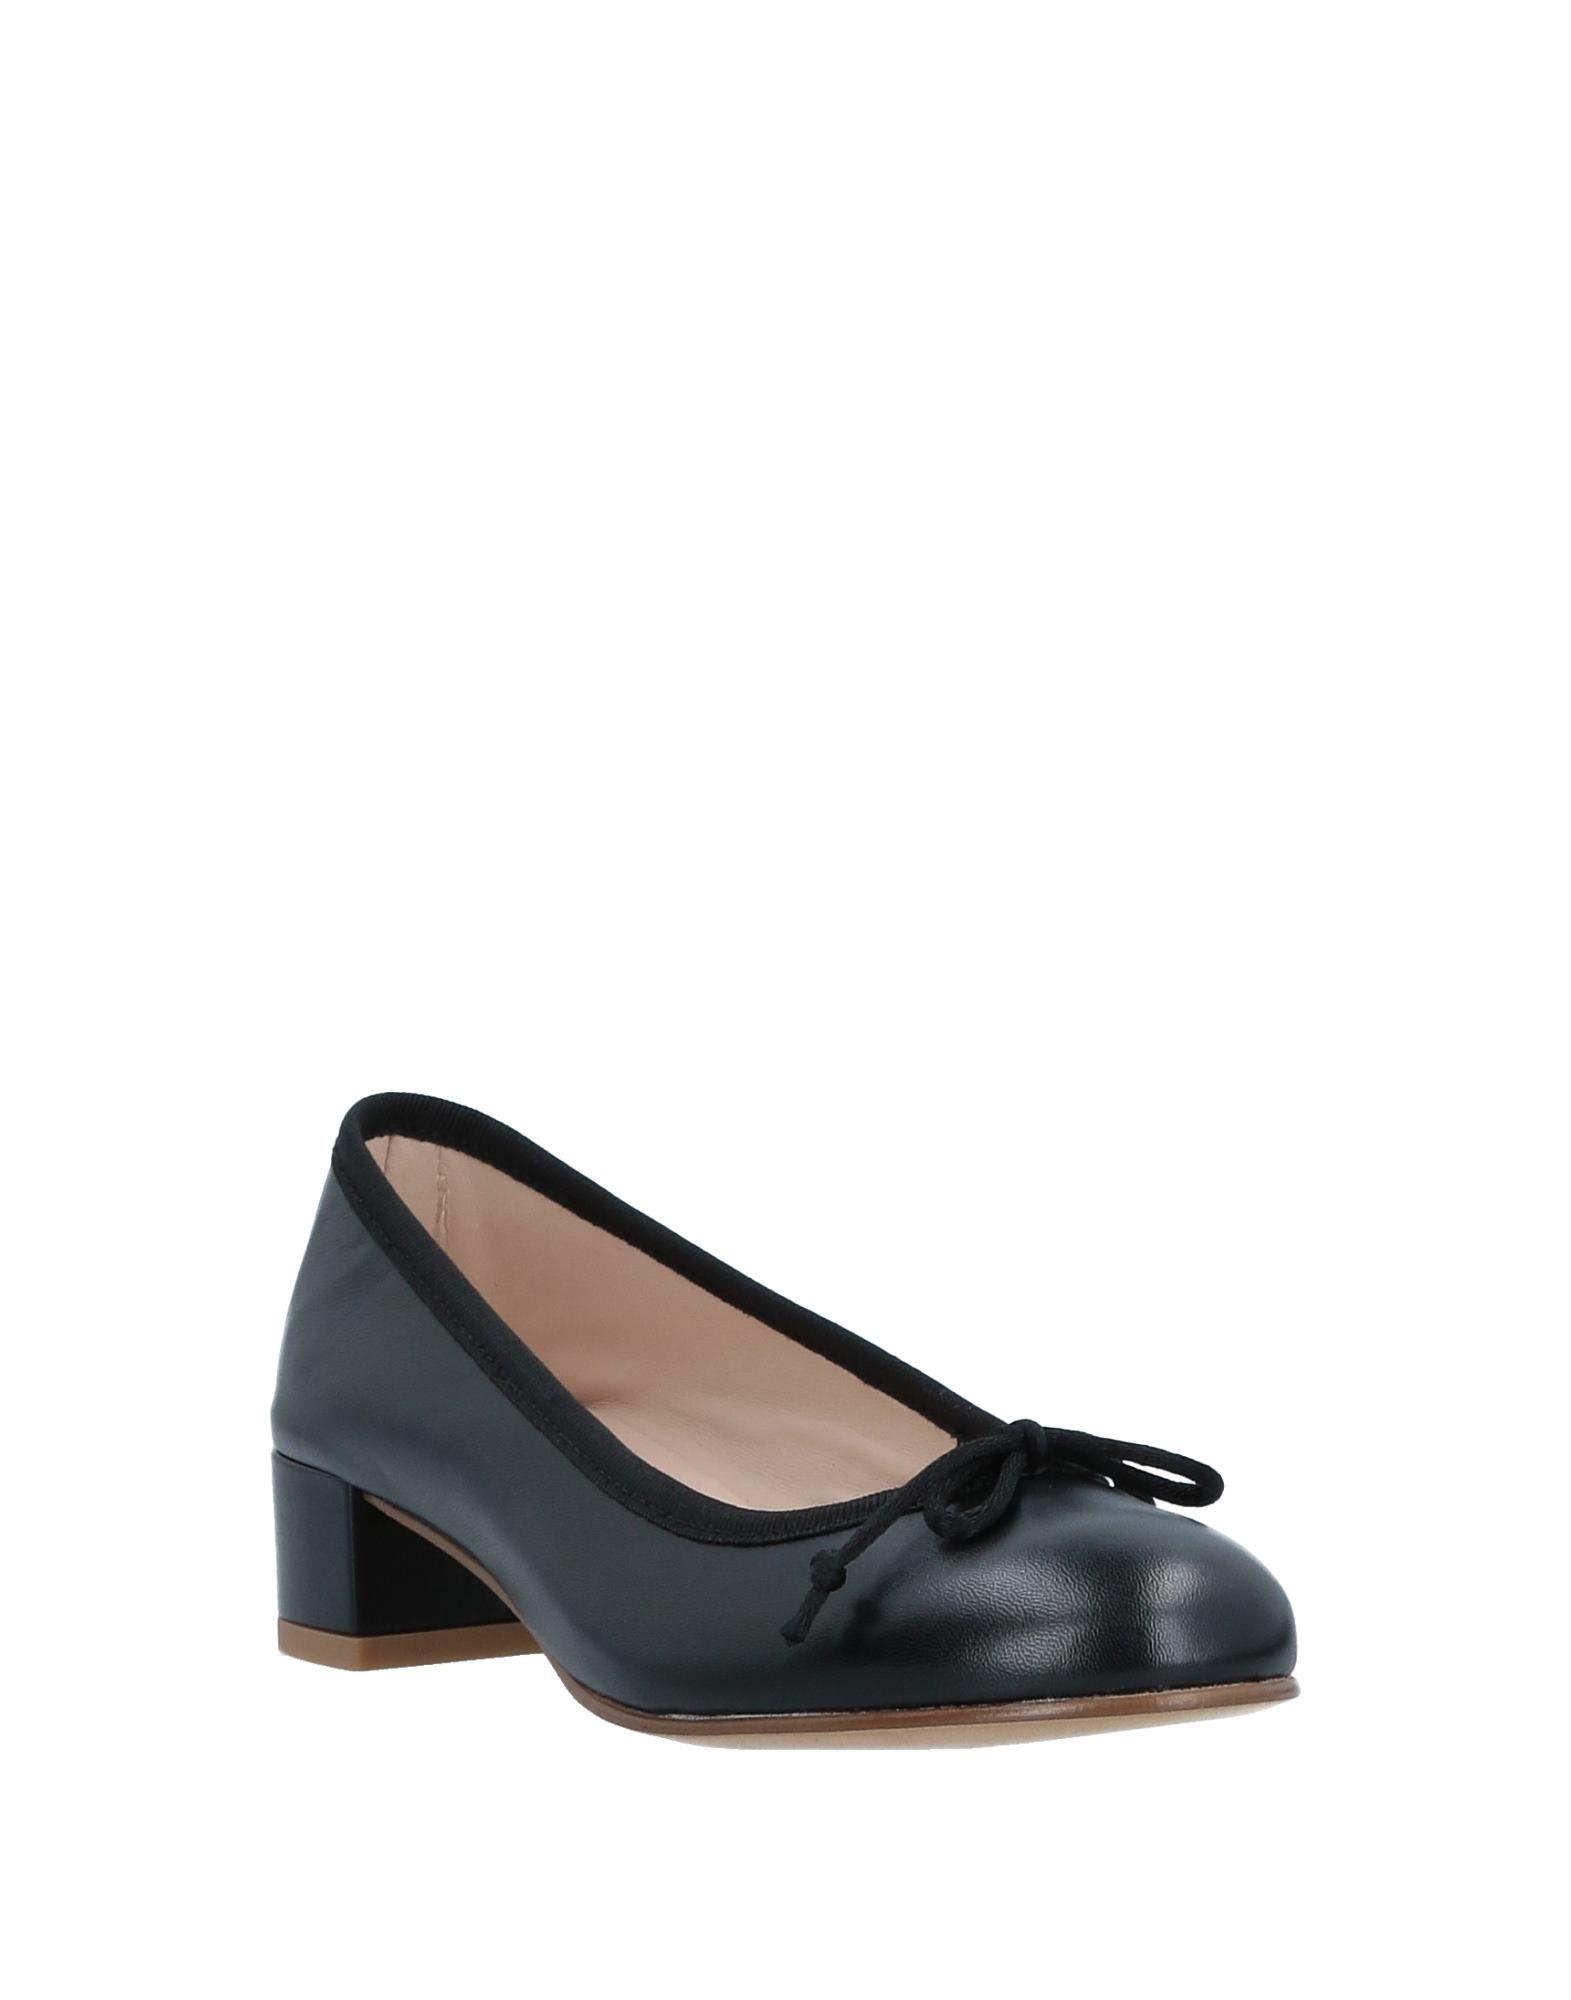 Stilvolle billige Schuhe Cantarelli Ballerinas Damen Damen Damen  11516080BA 8d229c